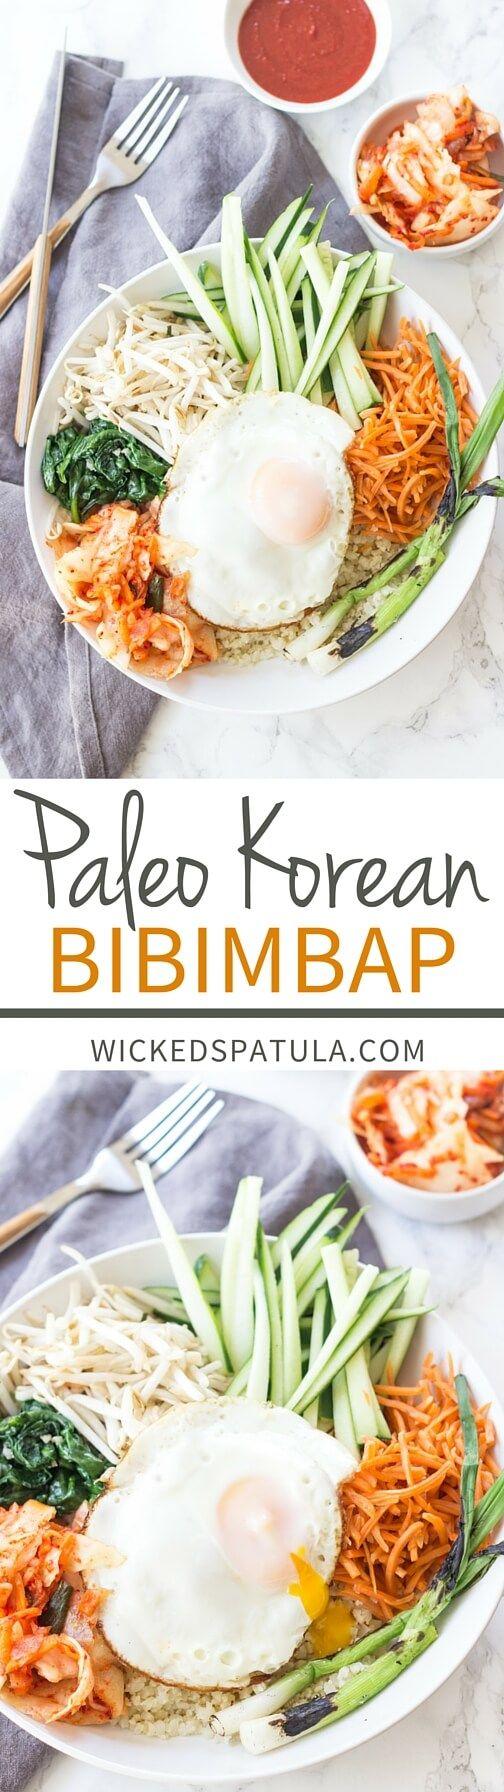 paleo korean bibimbap - vegan, gluten free